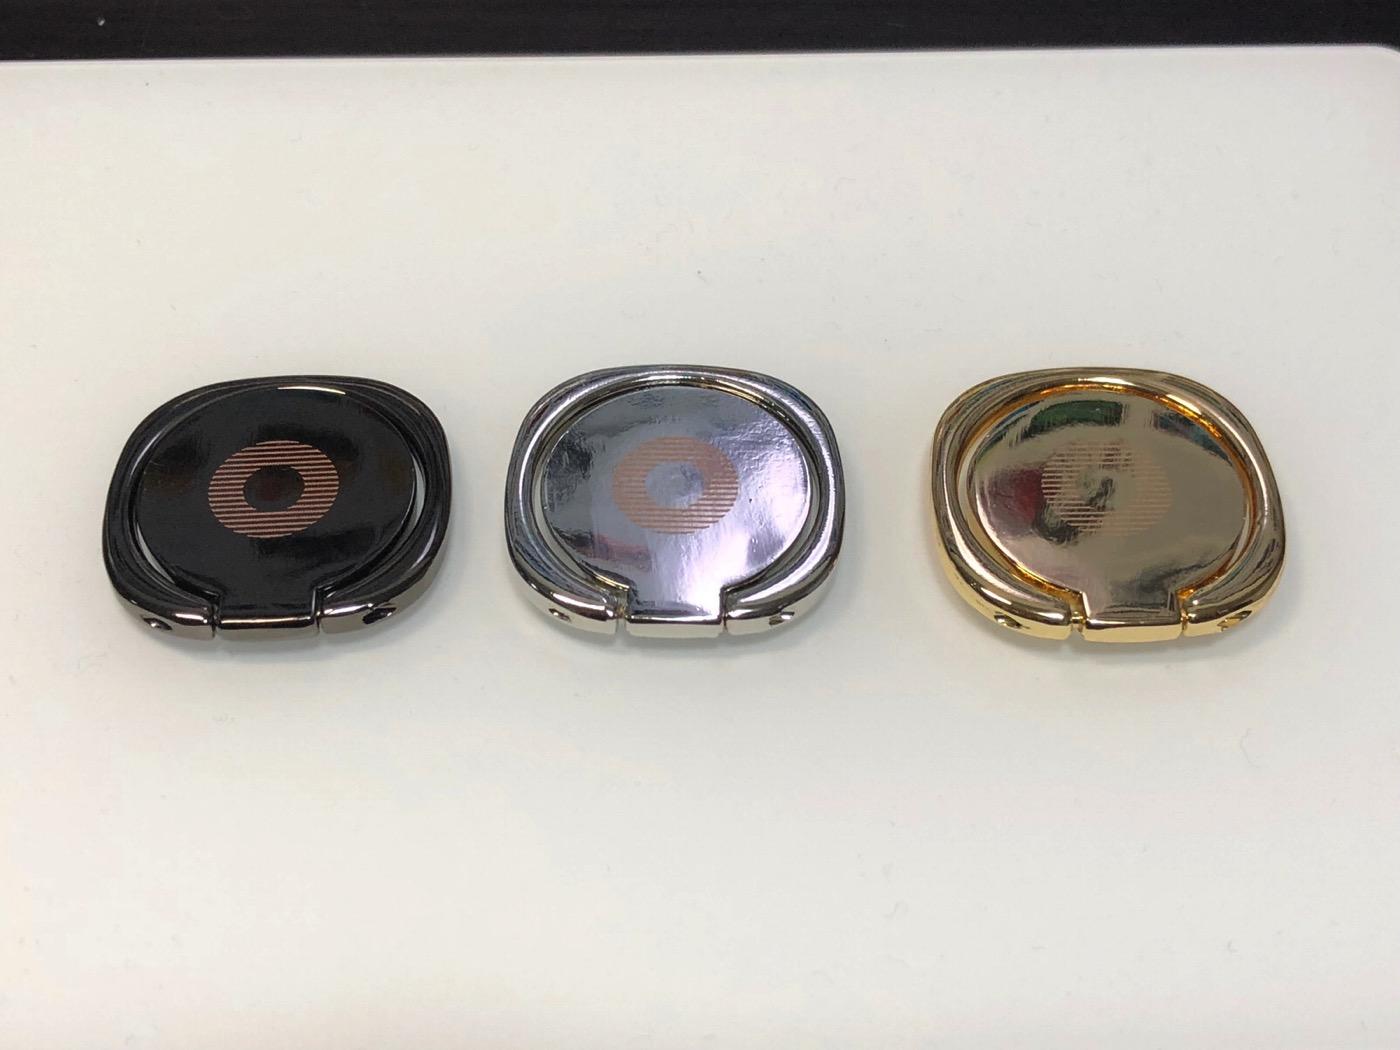 Gogogu 3入り スマホ バンカーリング 携帯 360回転 iphoneボルター-2